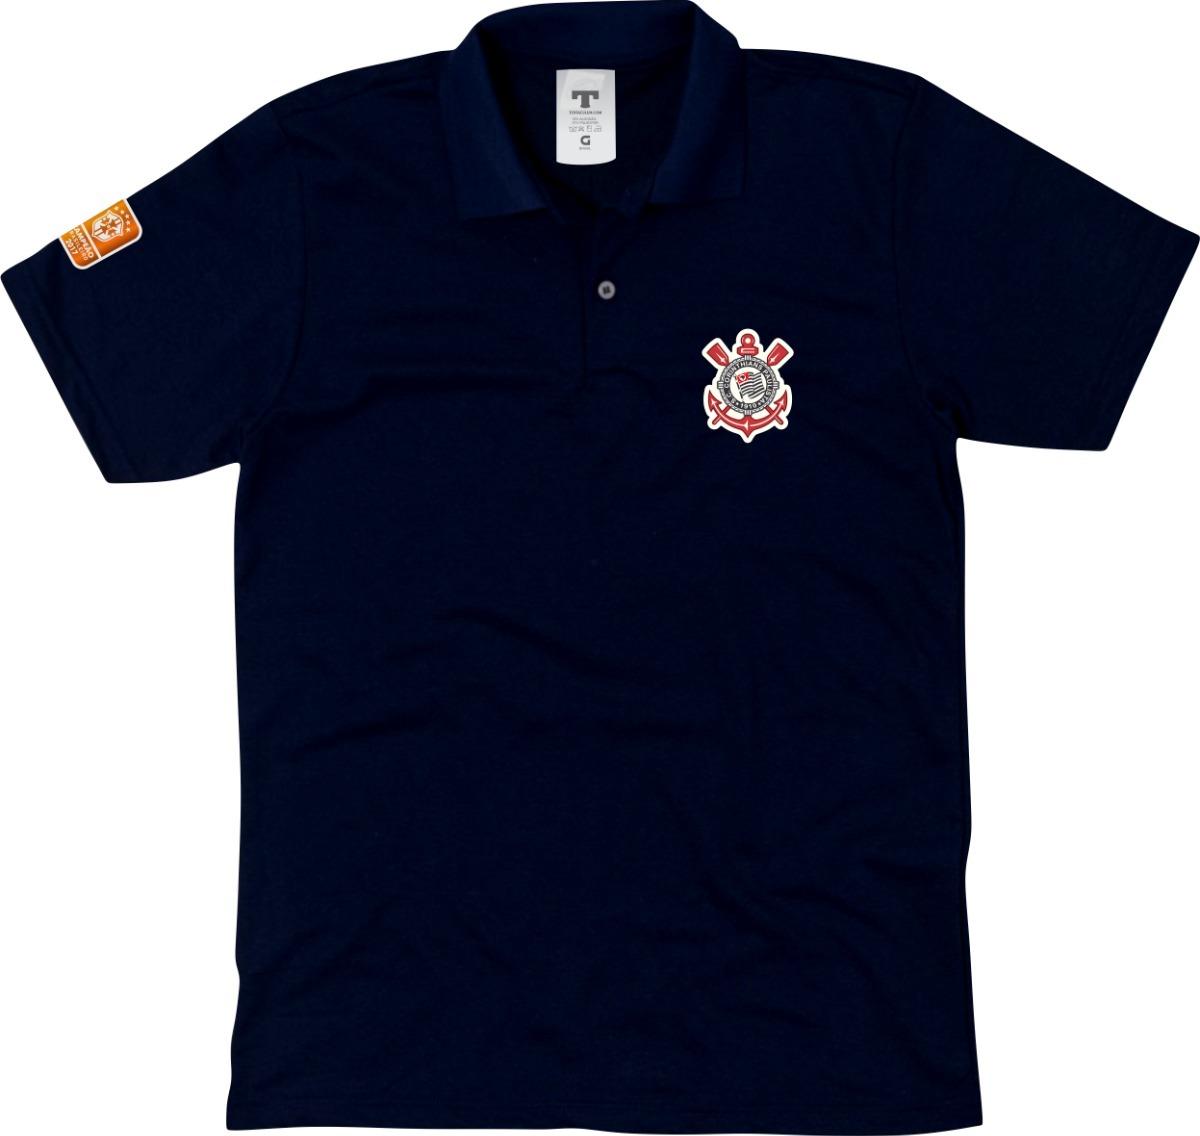 blusa polo corinthians camisa gola polo torcedor do timão. Carregando zoom. e09fa5b87d896